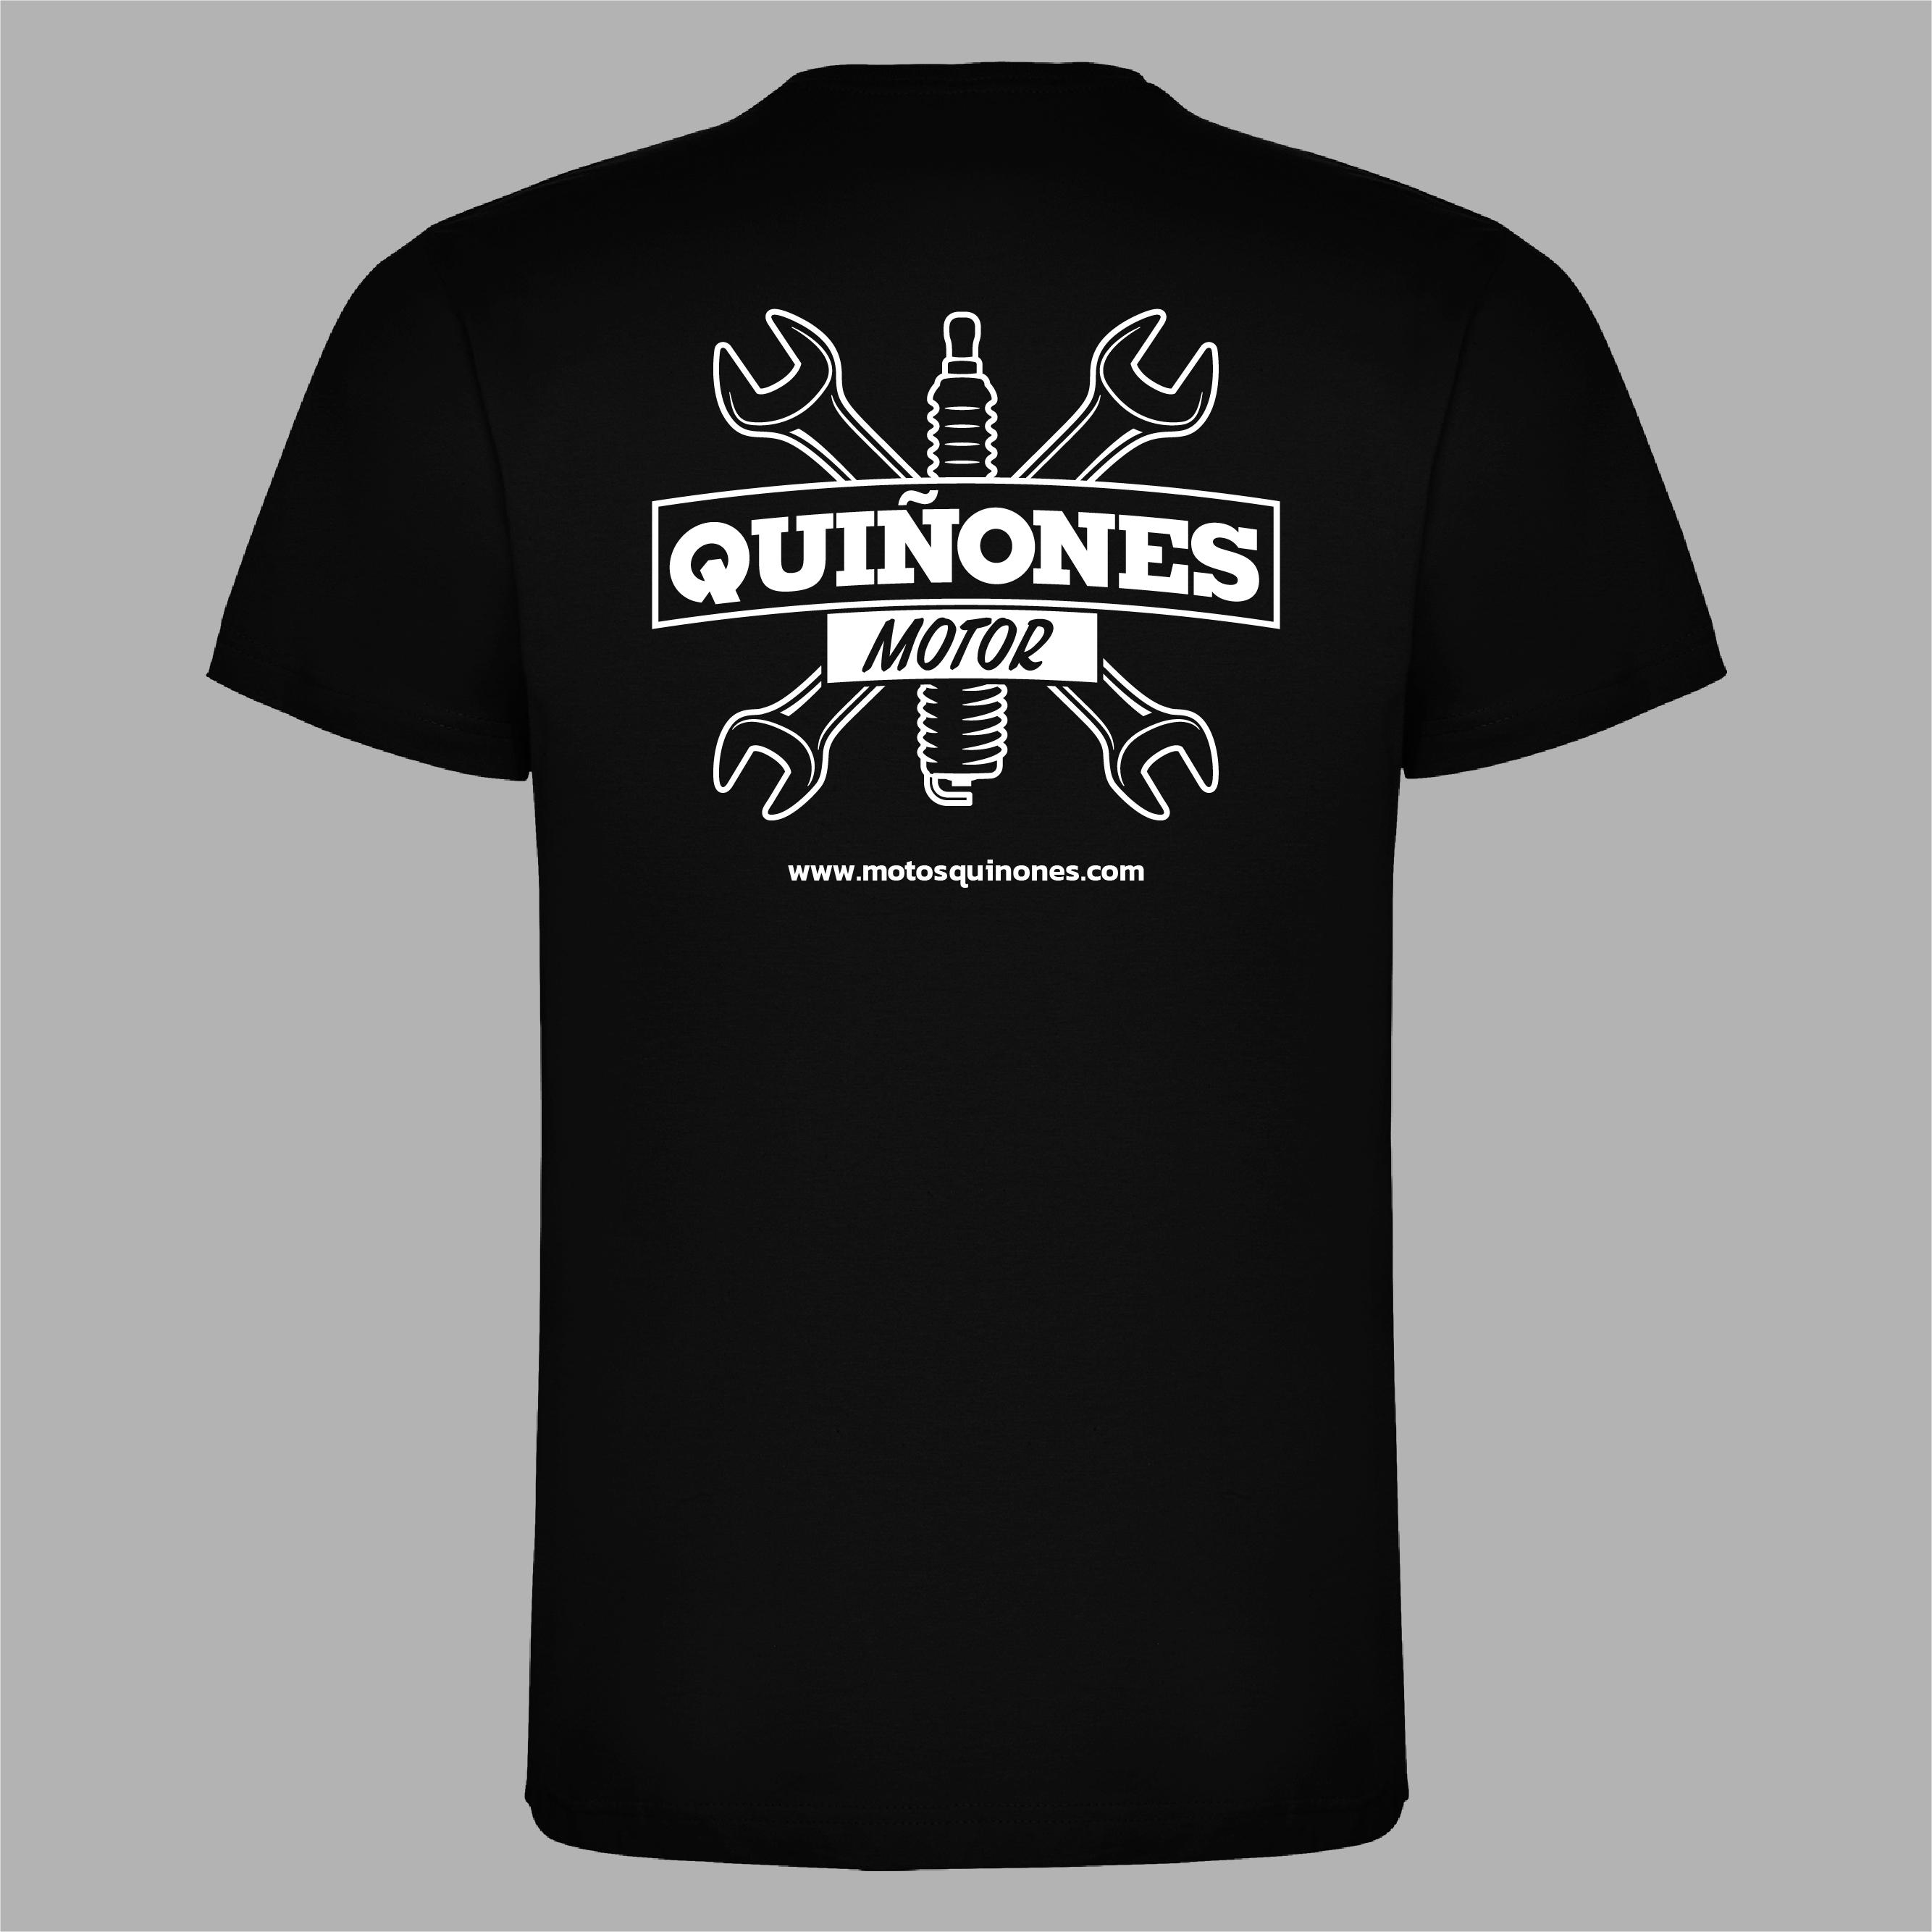 Serigrafía camisetas Quiñones motor